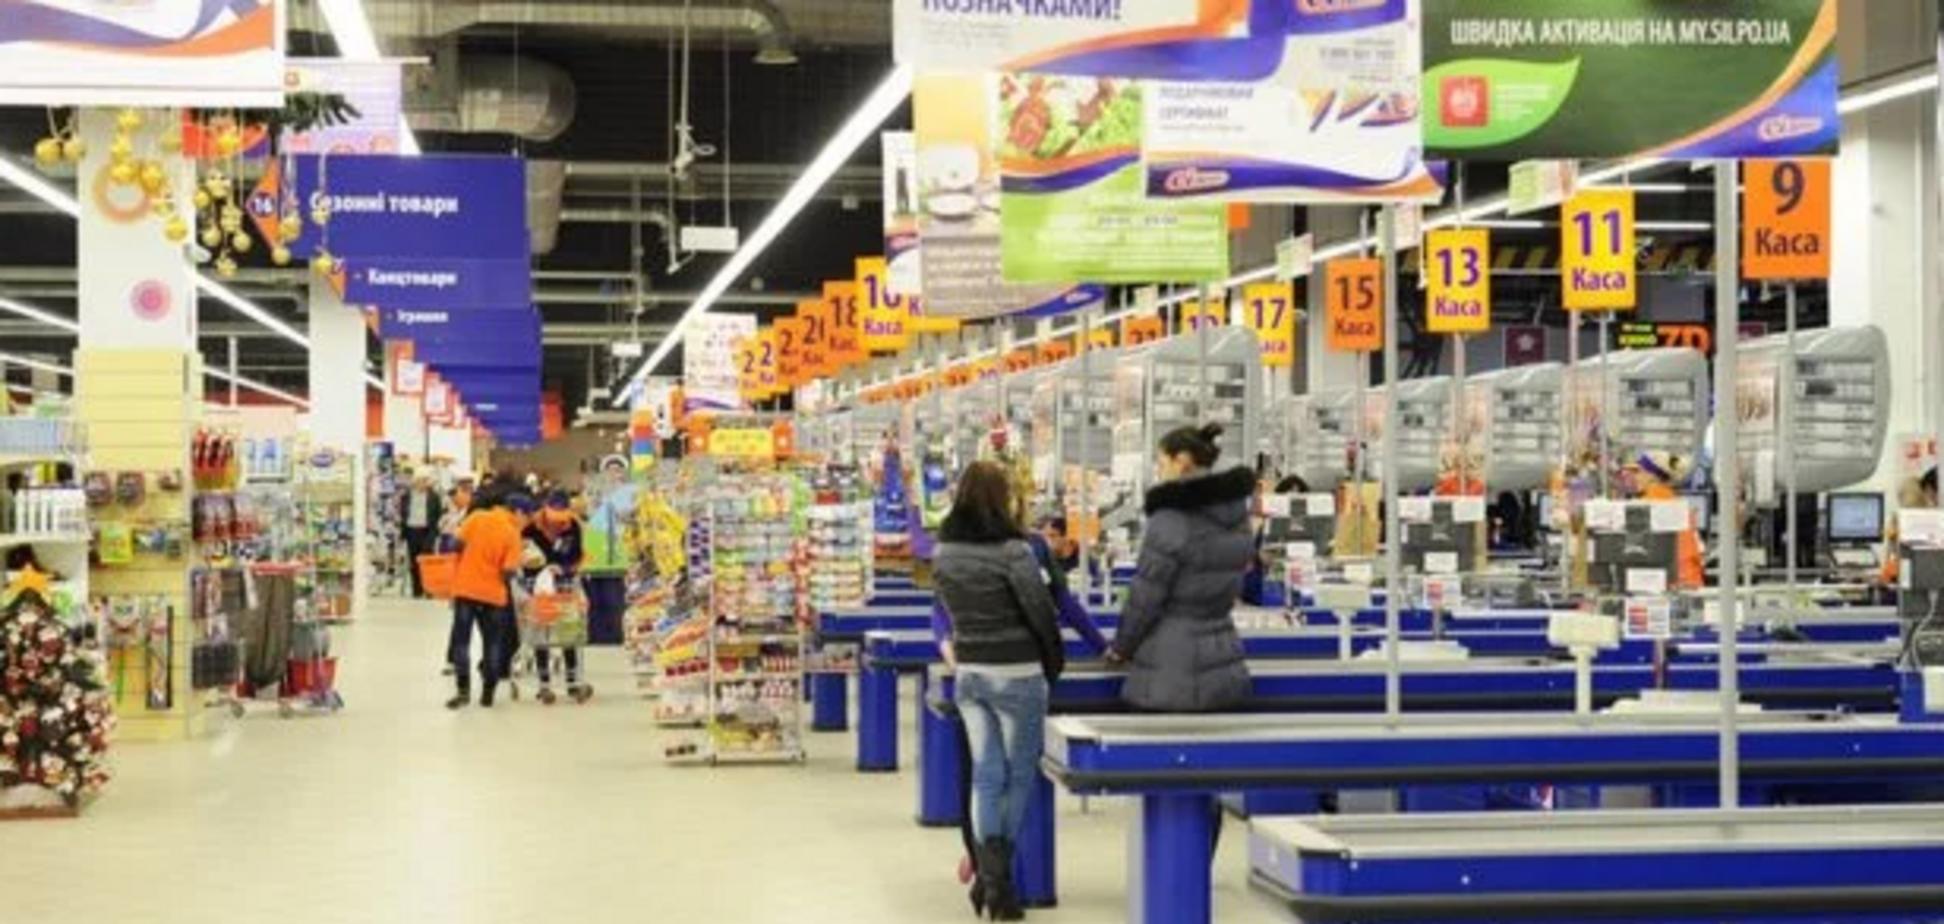 Кипяток на головы: в известном супермаркете Киева произошел 'горячий' инцидент